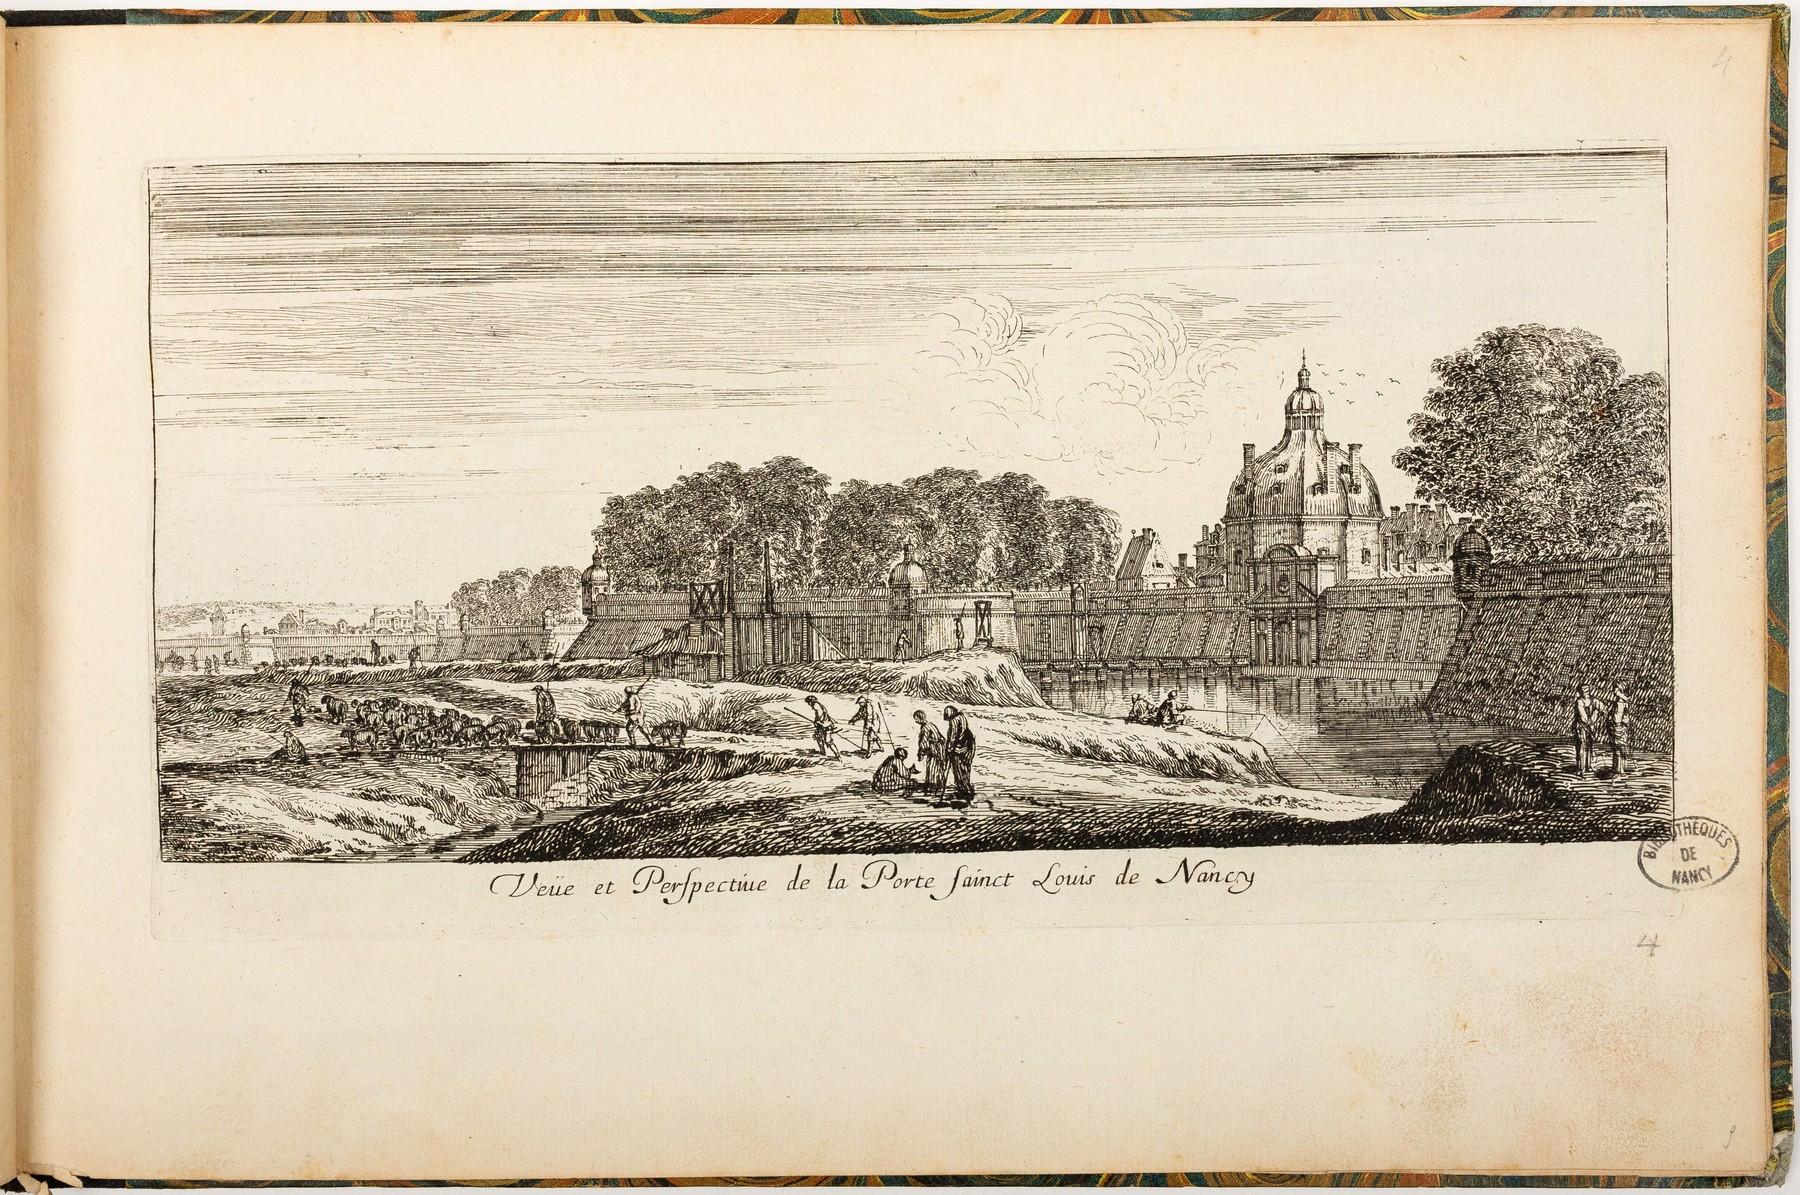 Contenu du Veüe et Perspective de la Porte Sainct Louis de Nancy